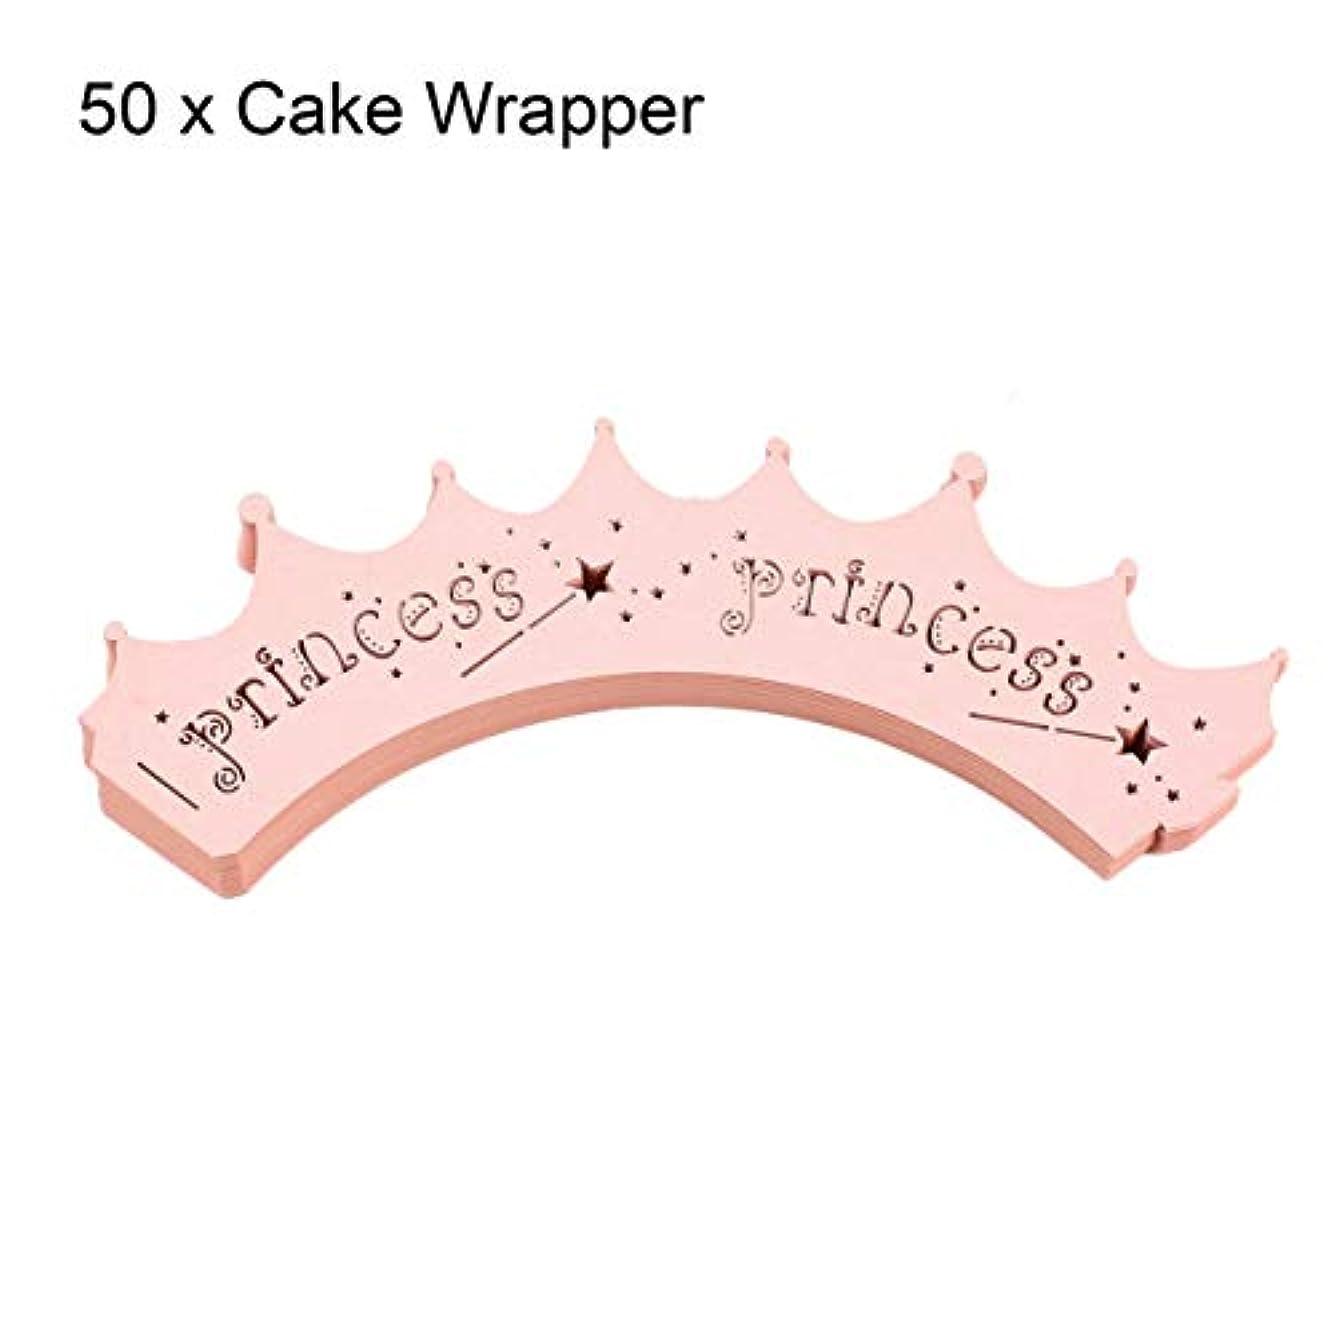 蓄積する運動優れましたSaikogoods 50個のレーザーカットカップケーキラッパー クラウン形状 マフィンケース ケーキ紙コップライナー 赤ちゃんプリンセス 誕生日パーティーの装飾 ピンク